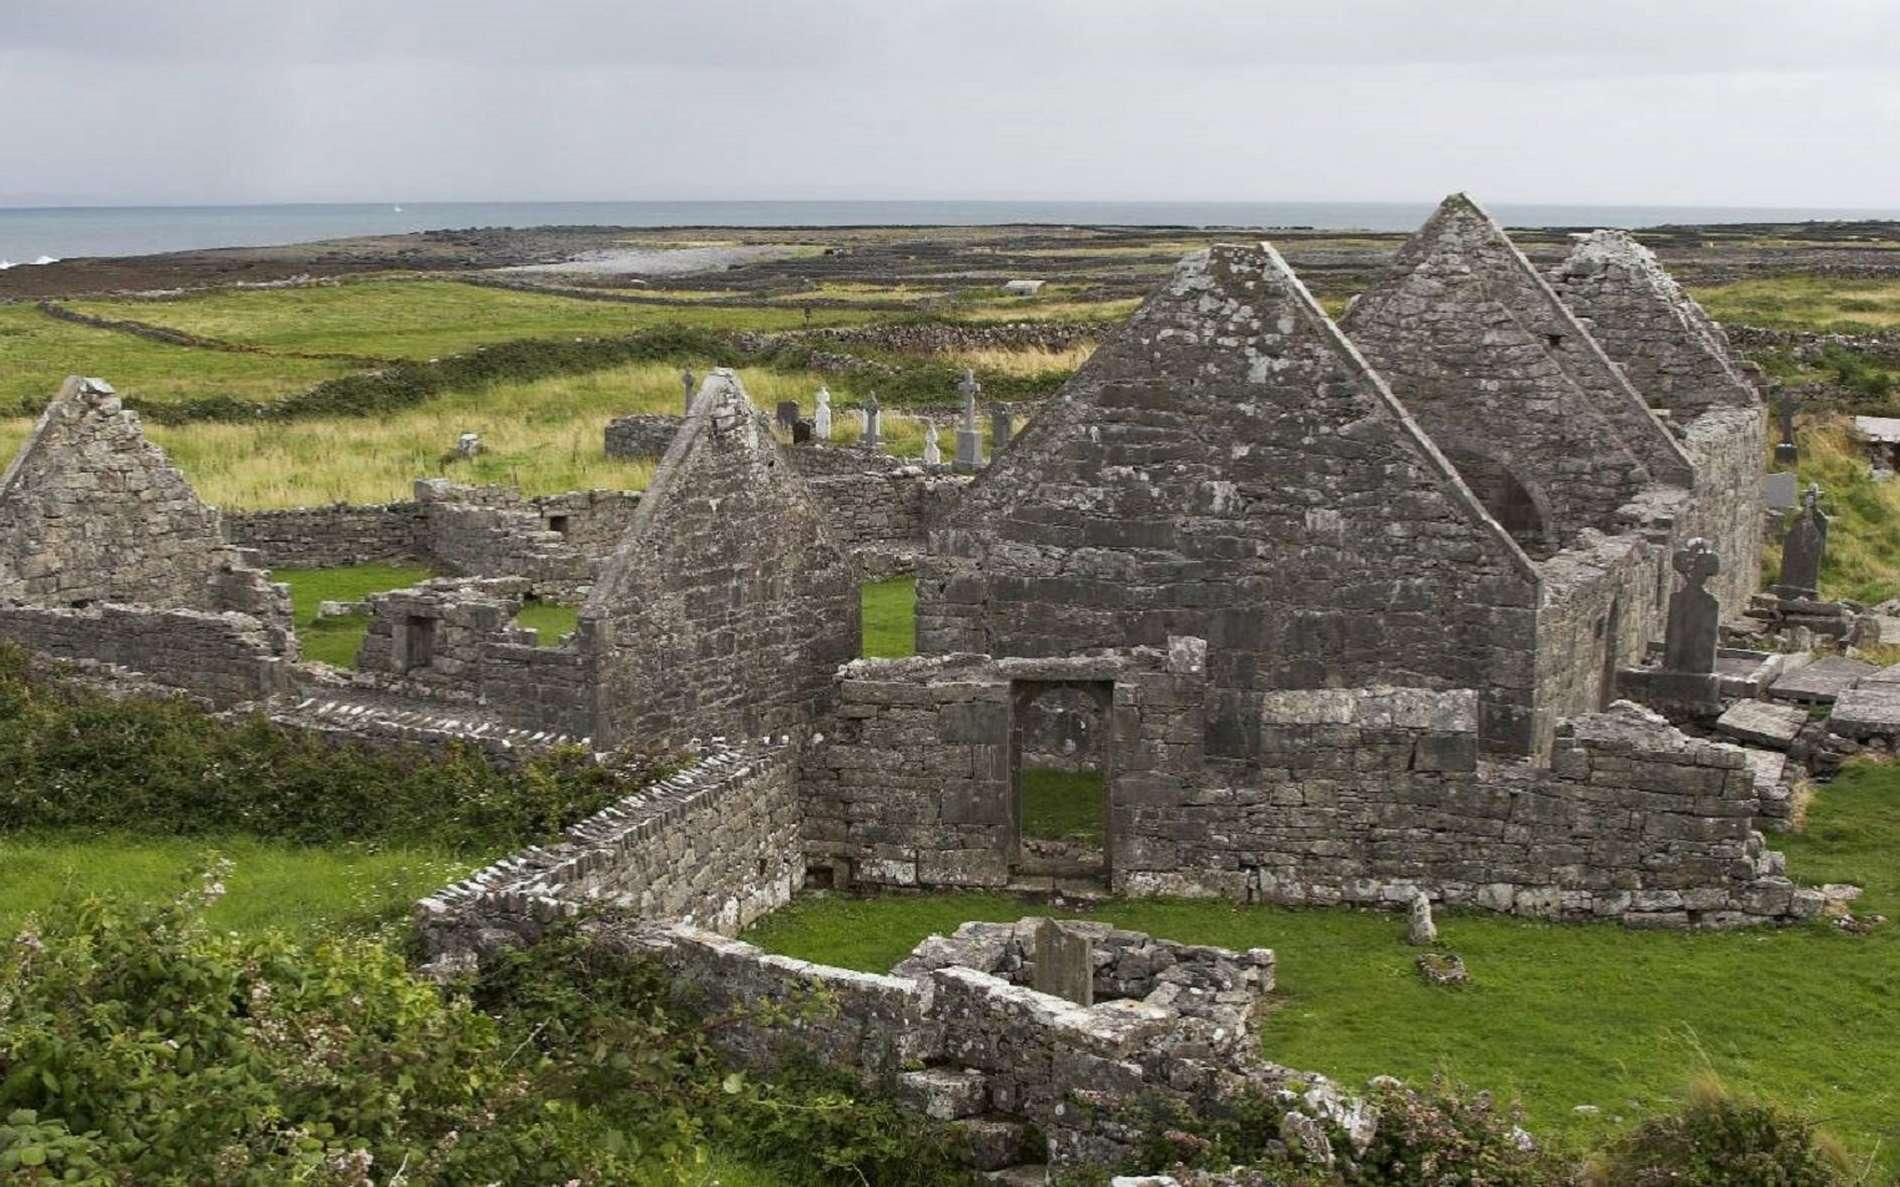 Photo : ''Seven Churches'' (ruines d'un ensemble monastique du Xe siècle), sur lnishmore, l'une des îles d'Aran, Irlande. © Photo Herbert Ortner / Flickr.